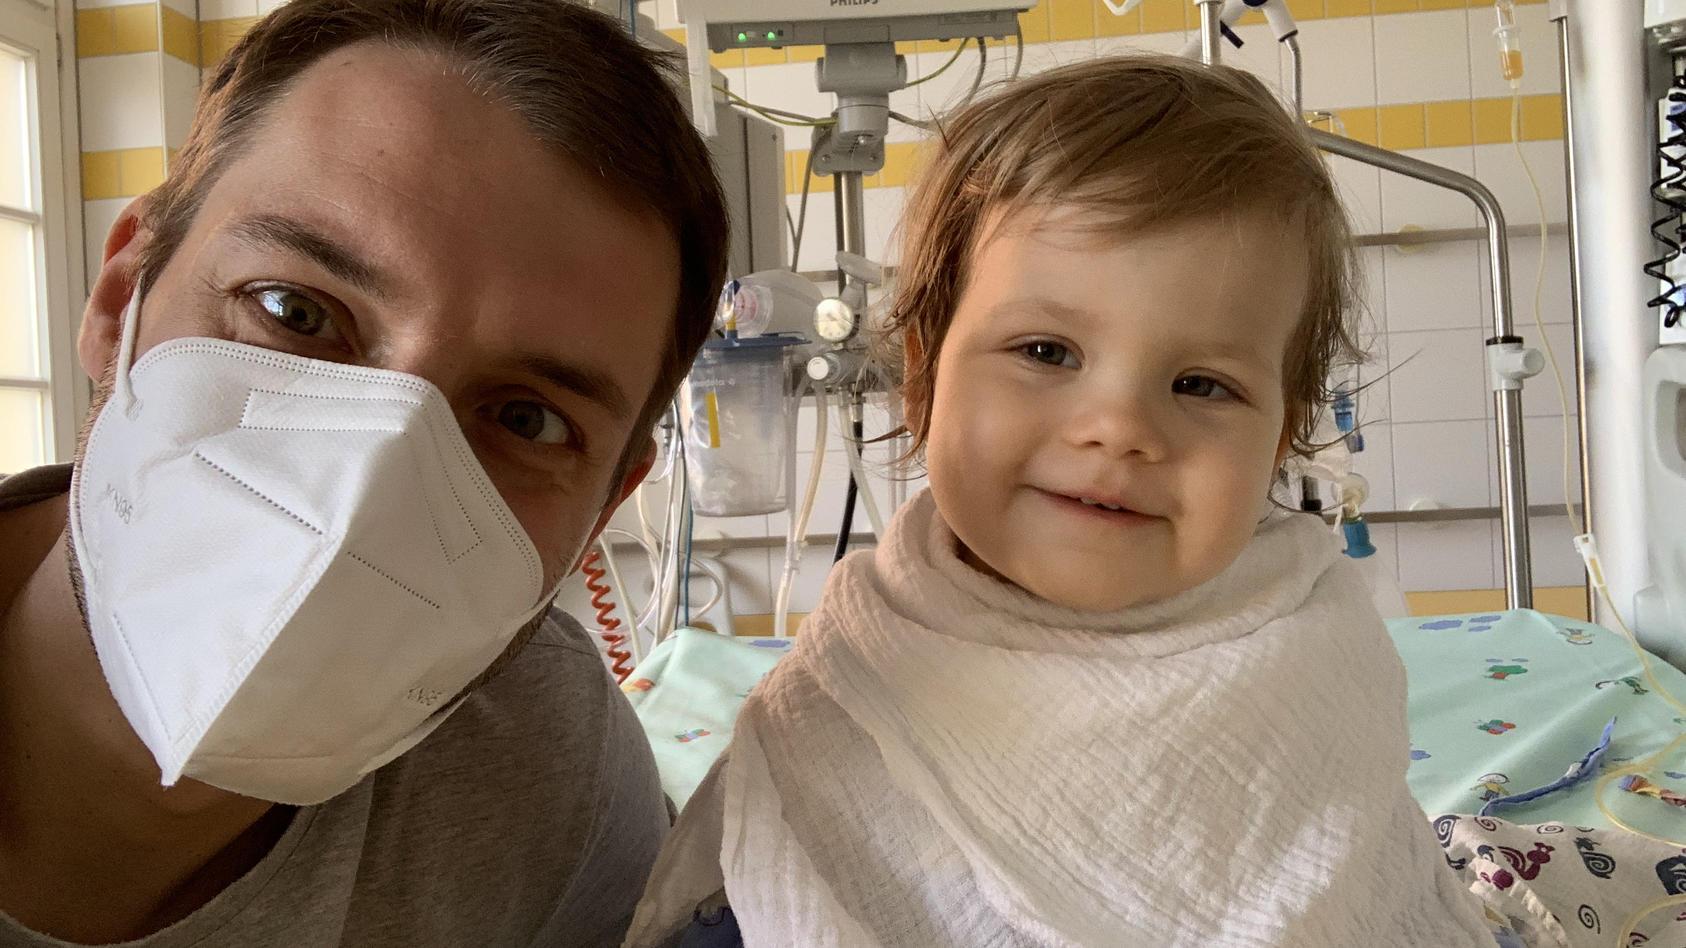 Ein Elternteil ist immer bei Tess, wegen der Corona-Pandemie dürfen die Eltern nicht beide in der Klinik bleiben.